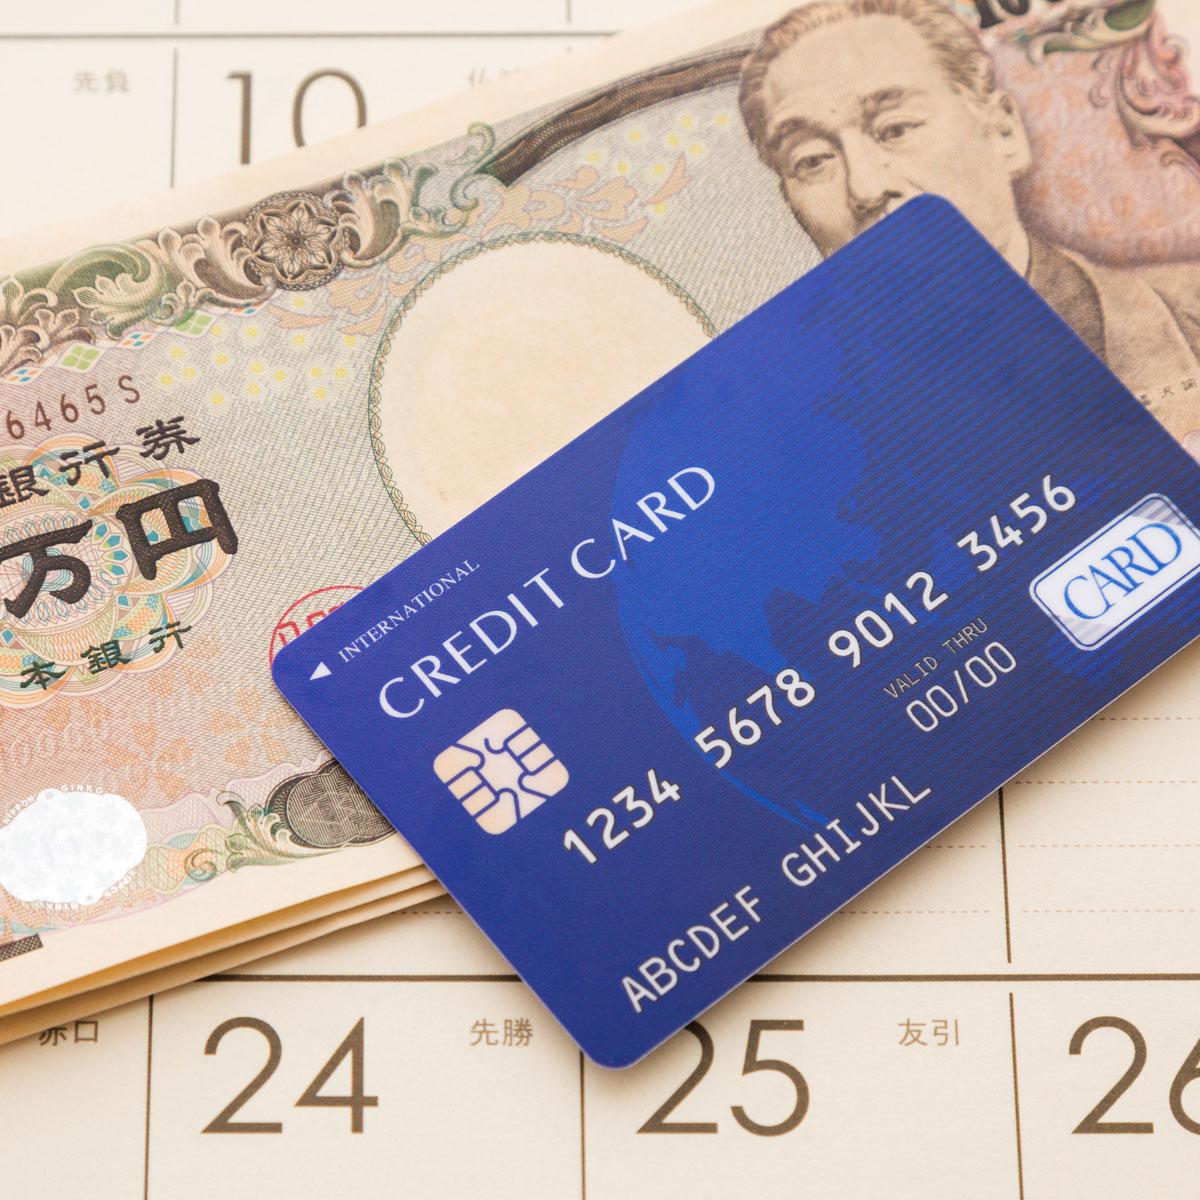 リボ払いの基礎知識と上手な使い方とは? リボ払い専用クレジットカード6選も紹介